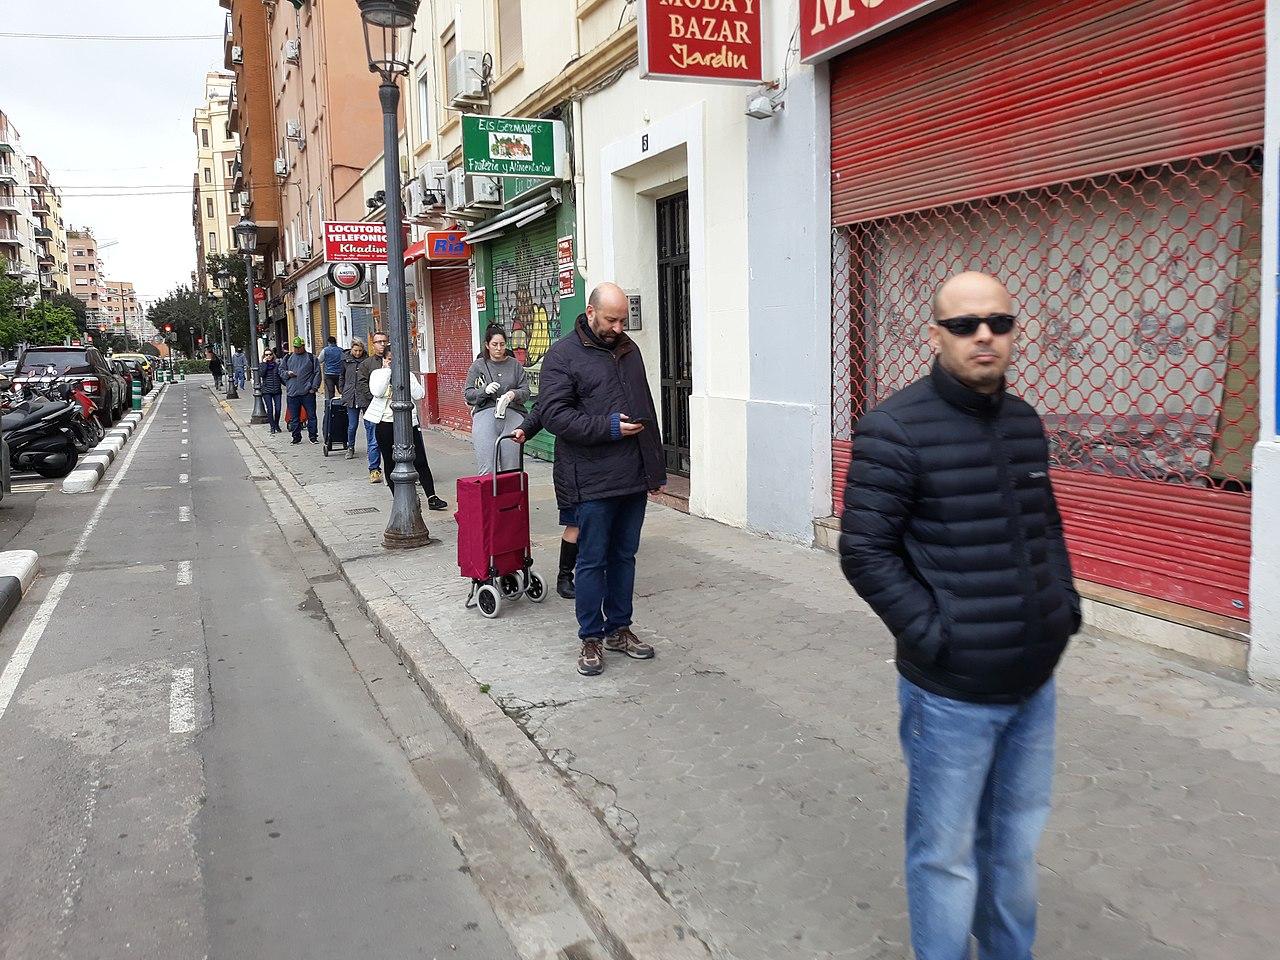 2020-03-Detalls i conseqüències del COVID-19 al País Valencià 14.jpg